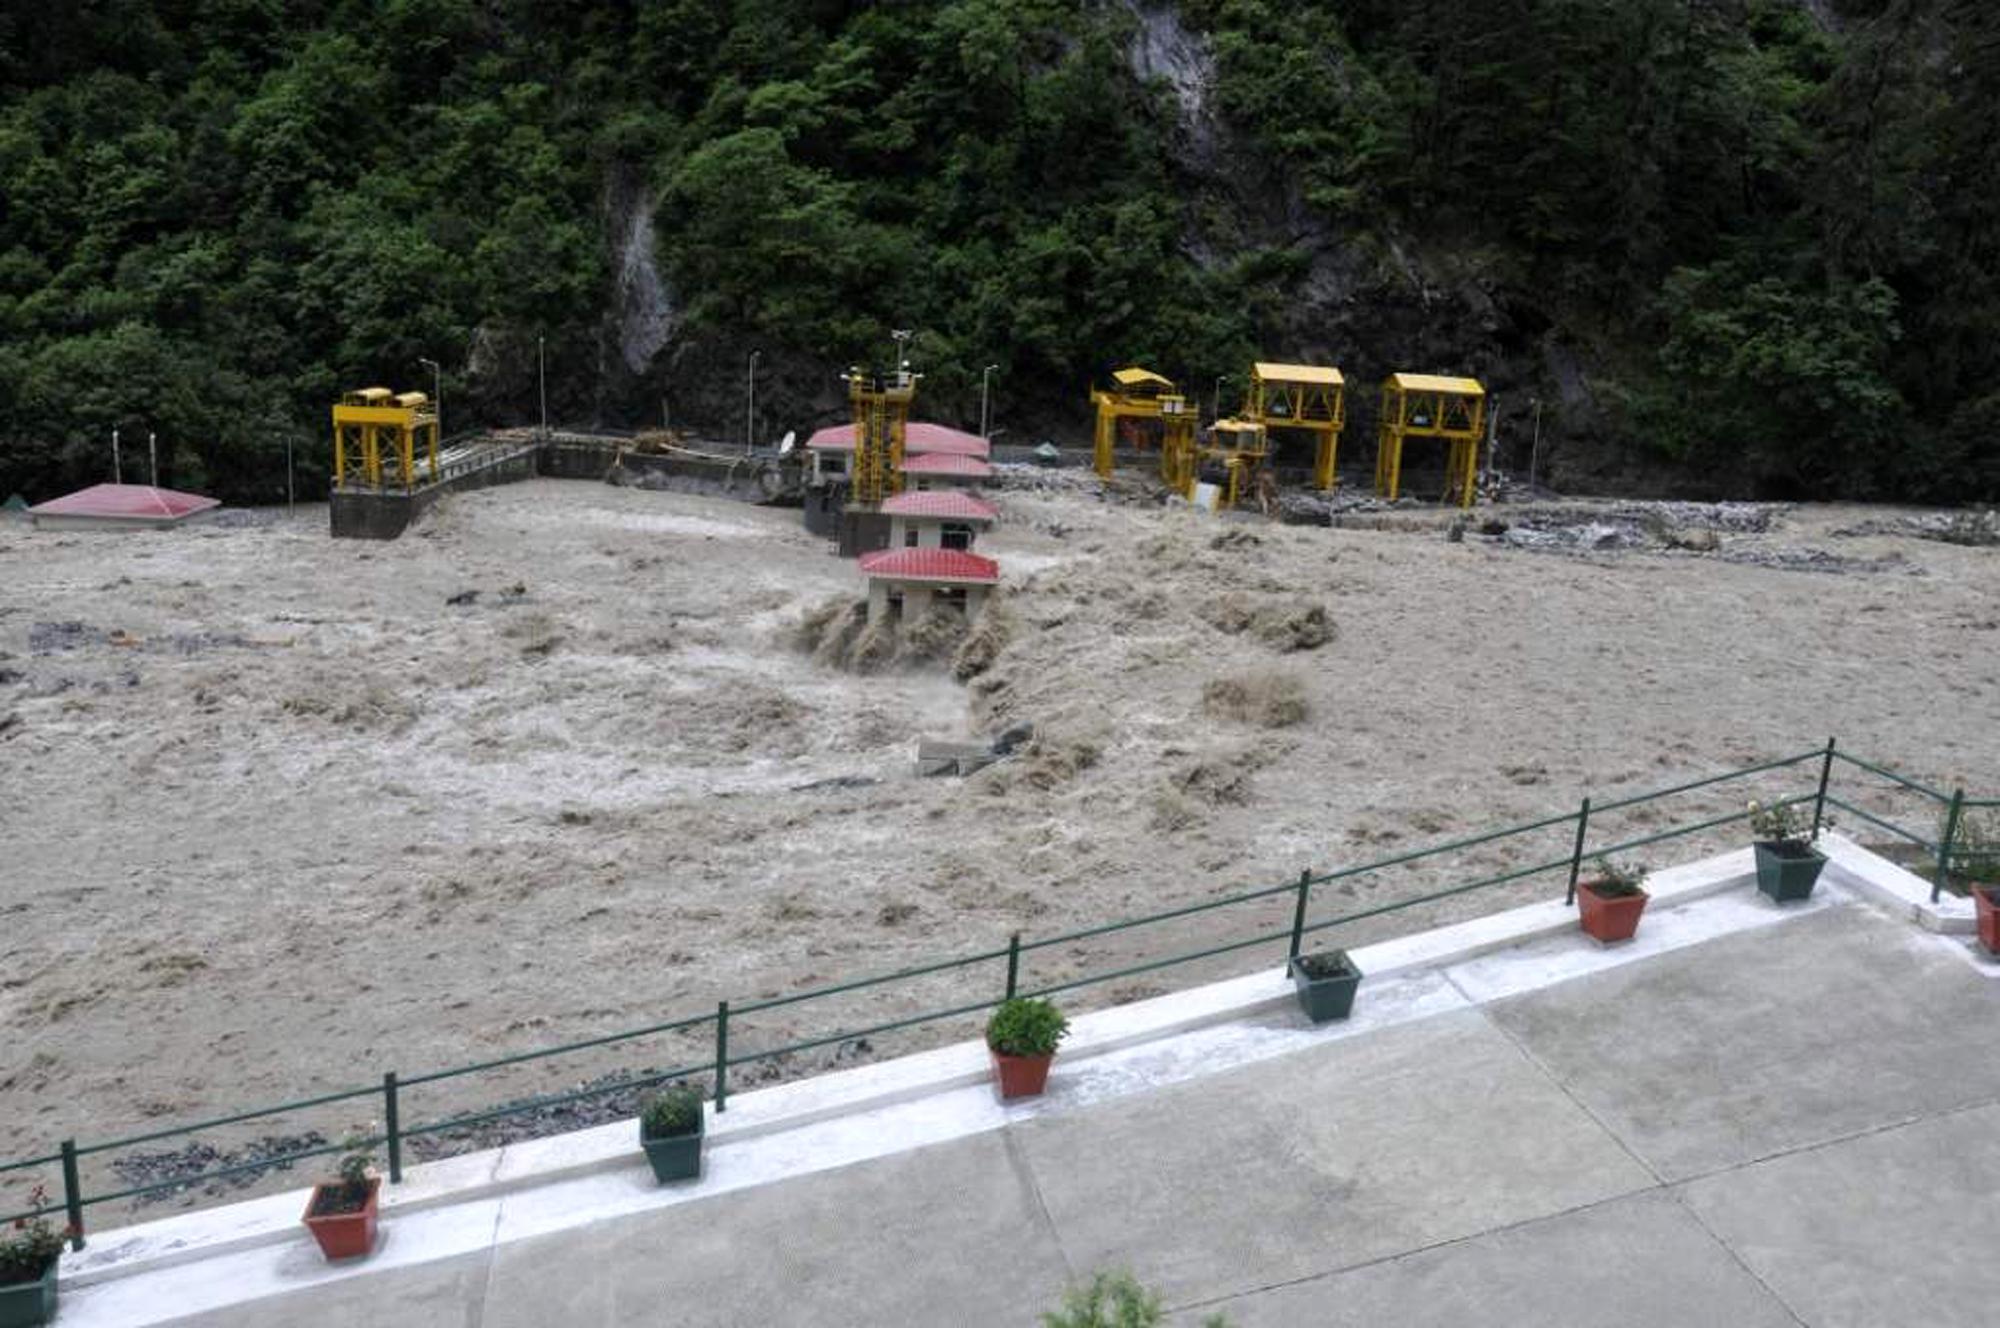 विष्णुप्रयाग बांध के ऊपर से बहती अलकनंदा नदी